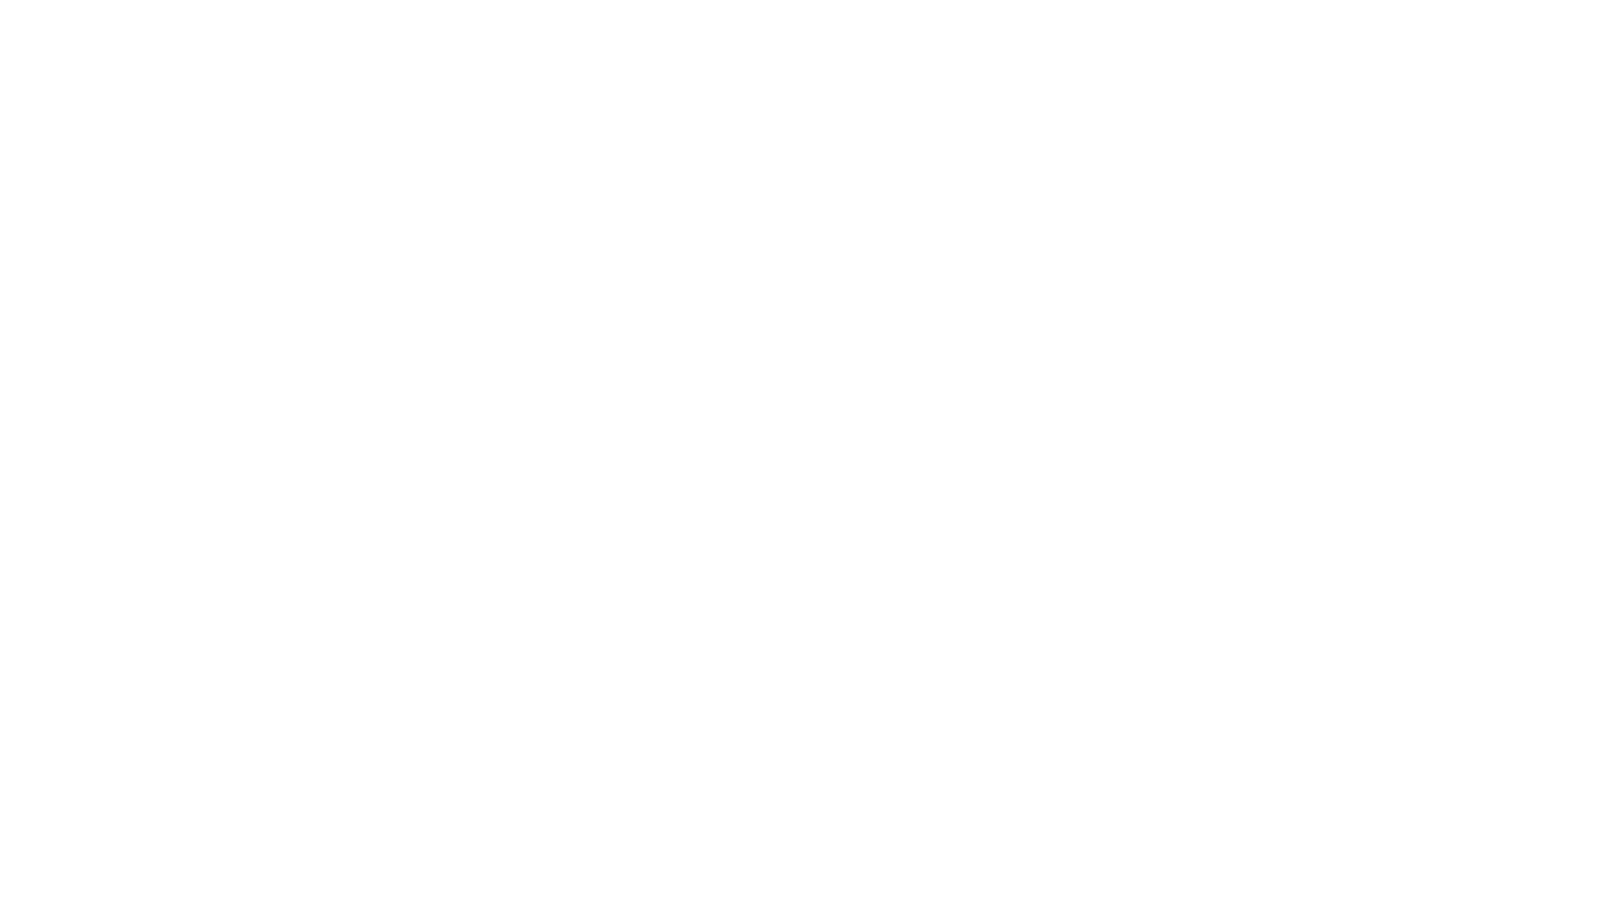 """Nuno Domingos: """"Este era um tempo em que o trabalho colaborativo era uma realidade e, de facto todos nós da comissão organizadora, trabalhadores do município e um largo conjunto de voluntários e interessados que se apaixonaram pelo projeto e se foram juntando, contribuíram para construir este evento único e determinante para Santarém""""."""